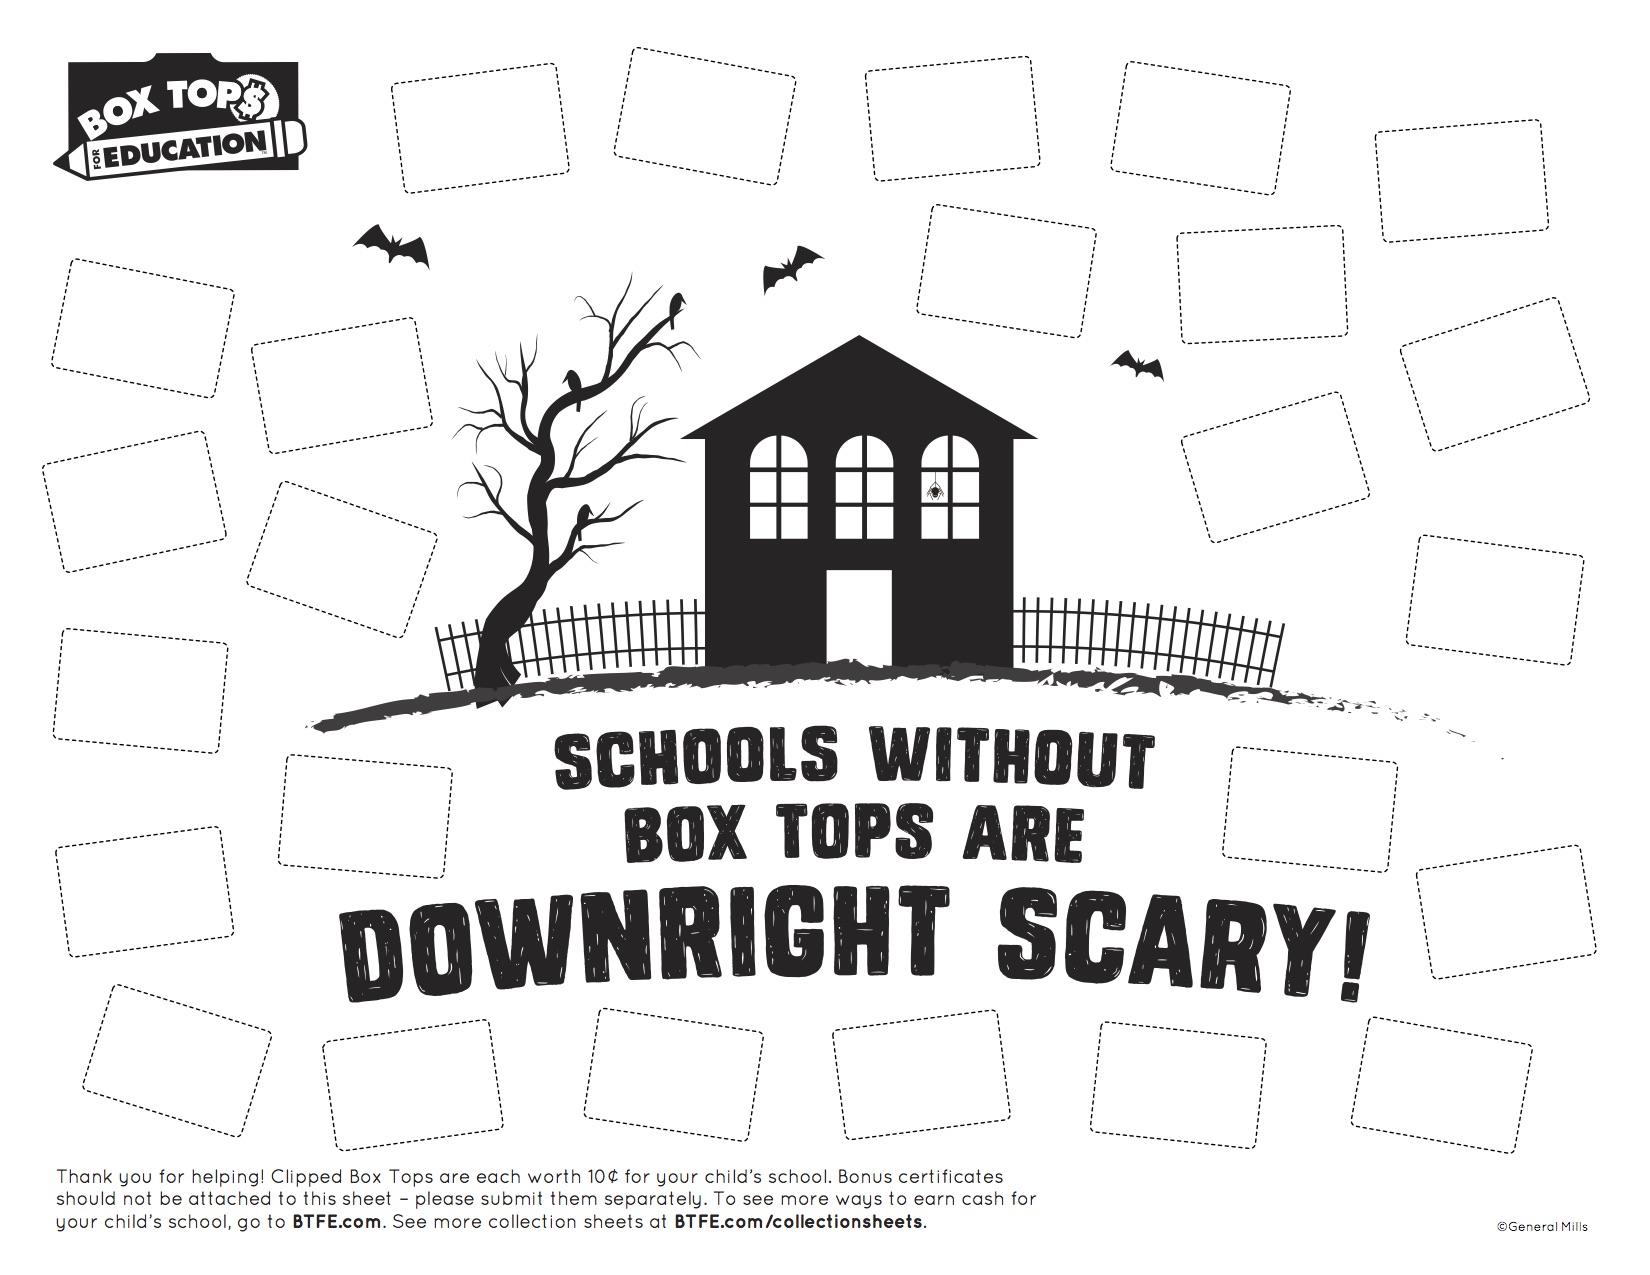 Box Tops Deadline is October 31!